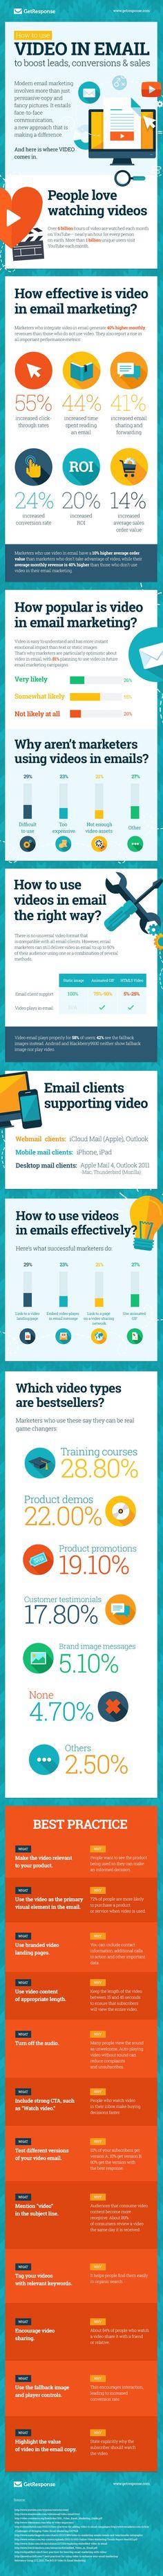 Video in Email Here is What You Need to Know | http://socialmouths.com/blog/2014/07/08/video-in-email/ Confira dicas, táticas e ferramentas para E-mail Marketing no Blog Estratégia Digital aqui em http://www.estrategiadigital.pt/category/e-mail-marketing/